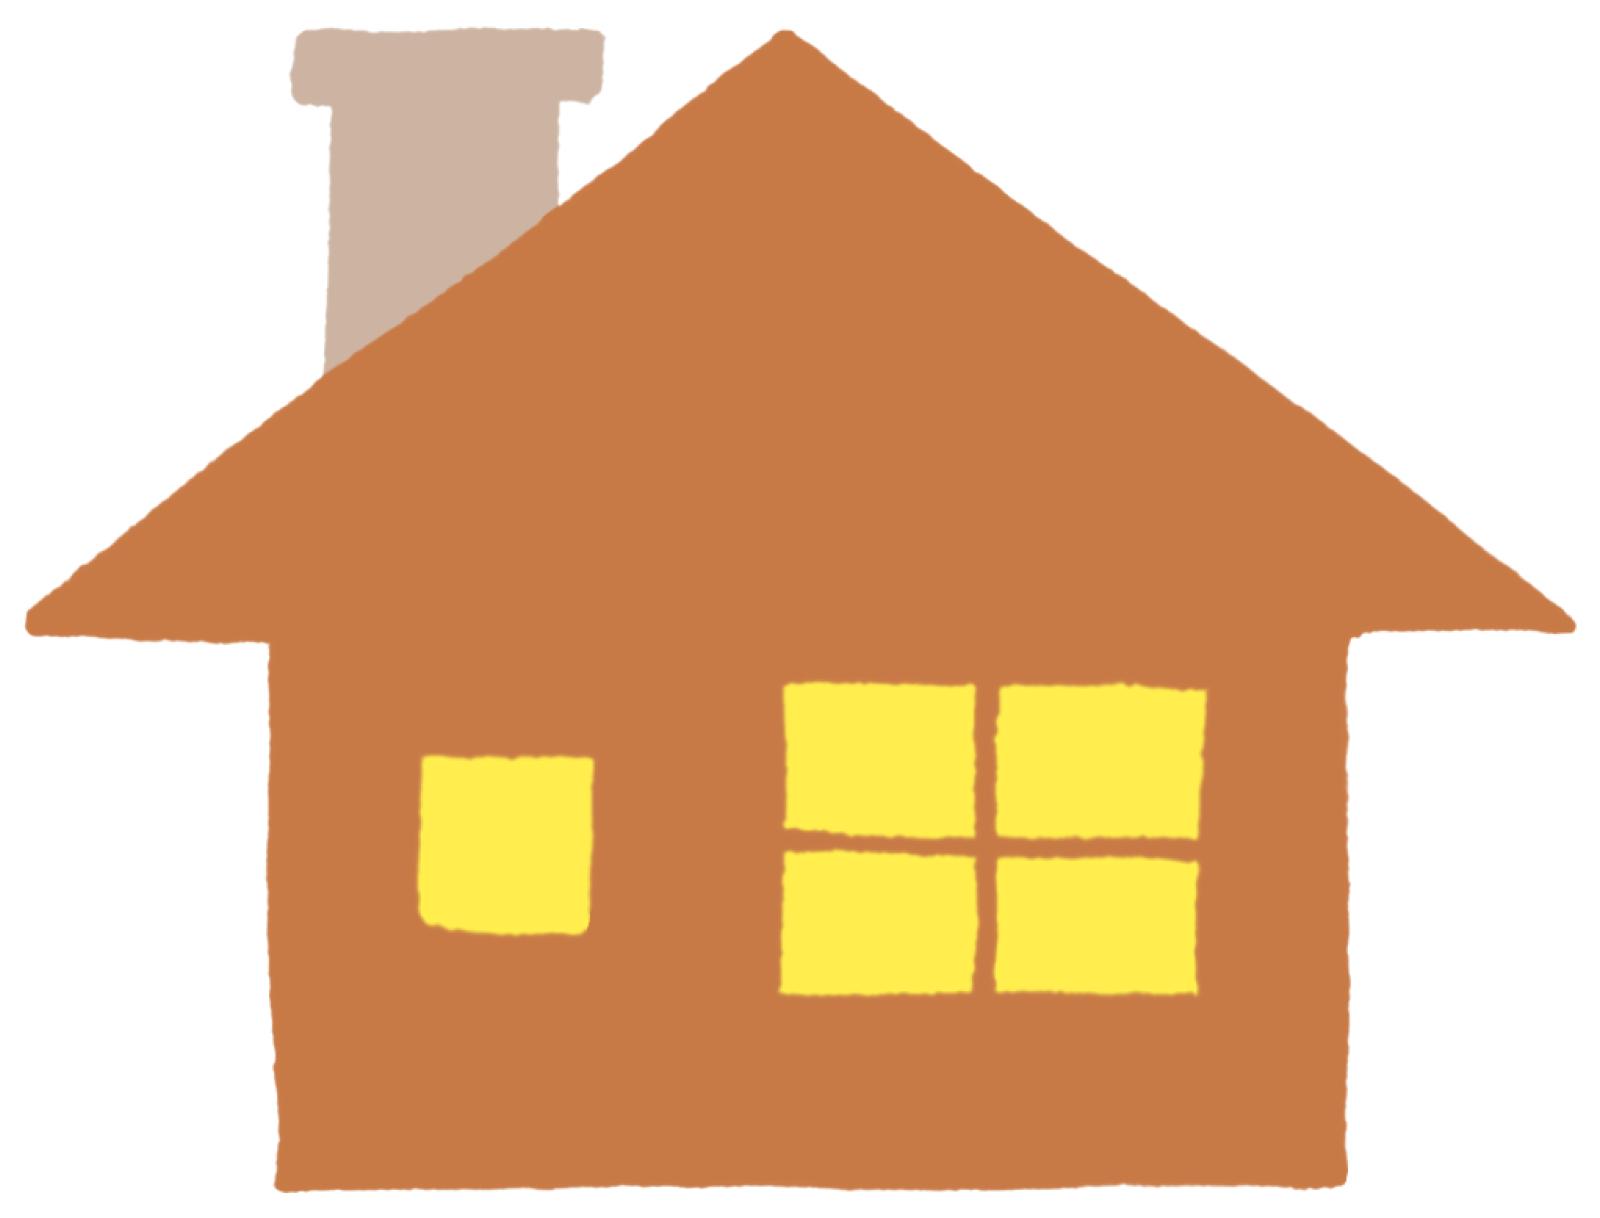 古風な自宅の画像